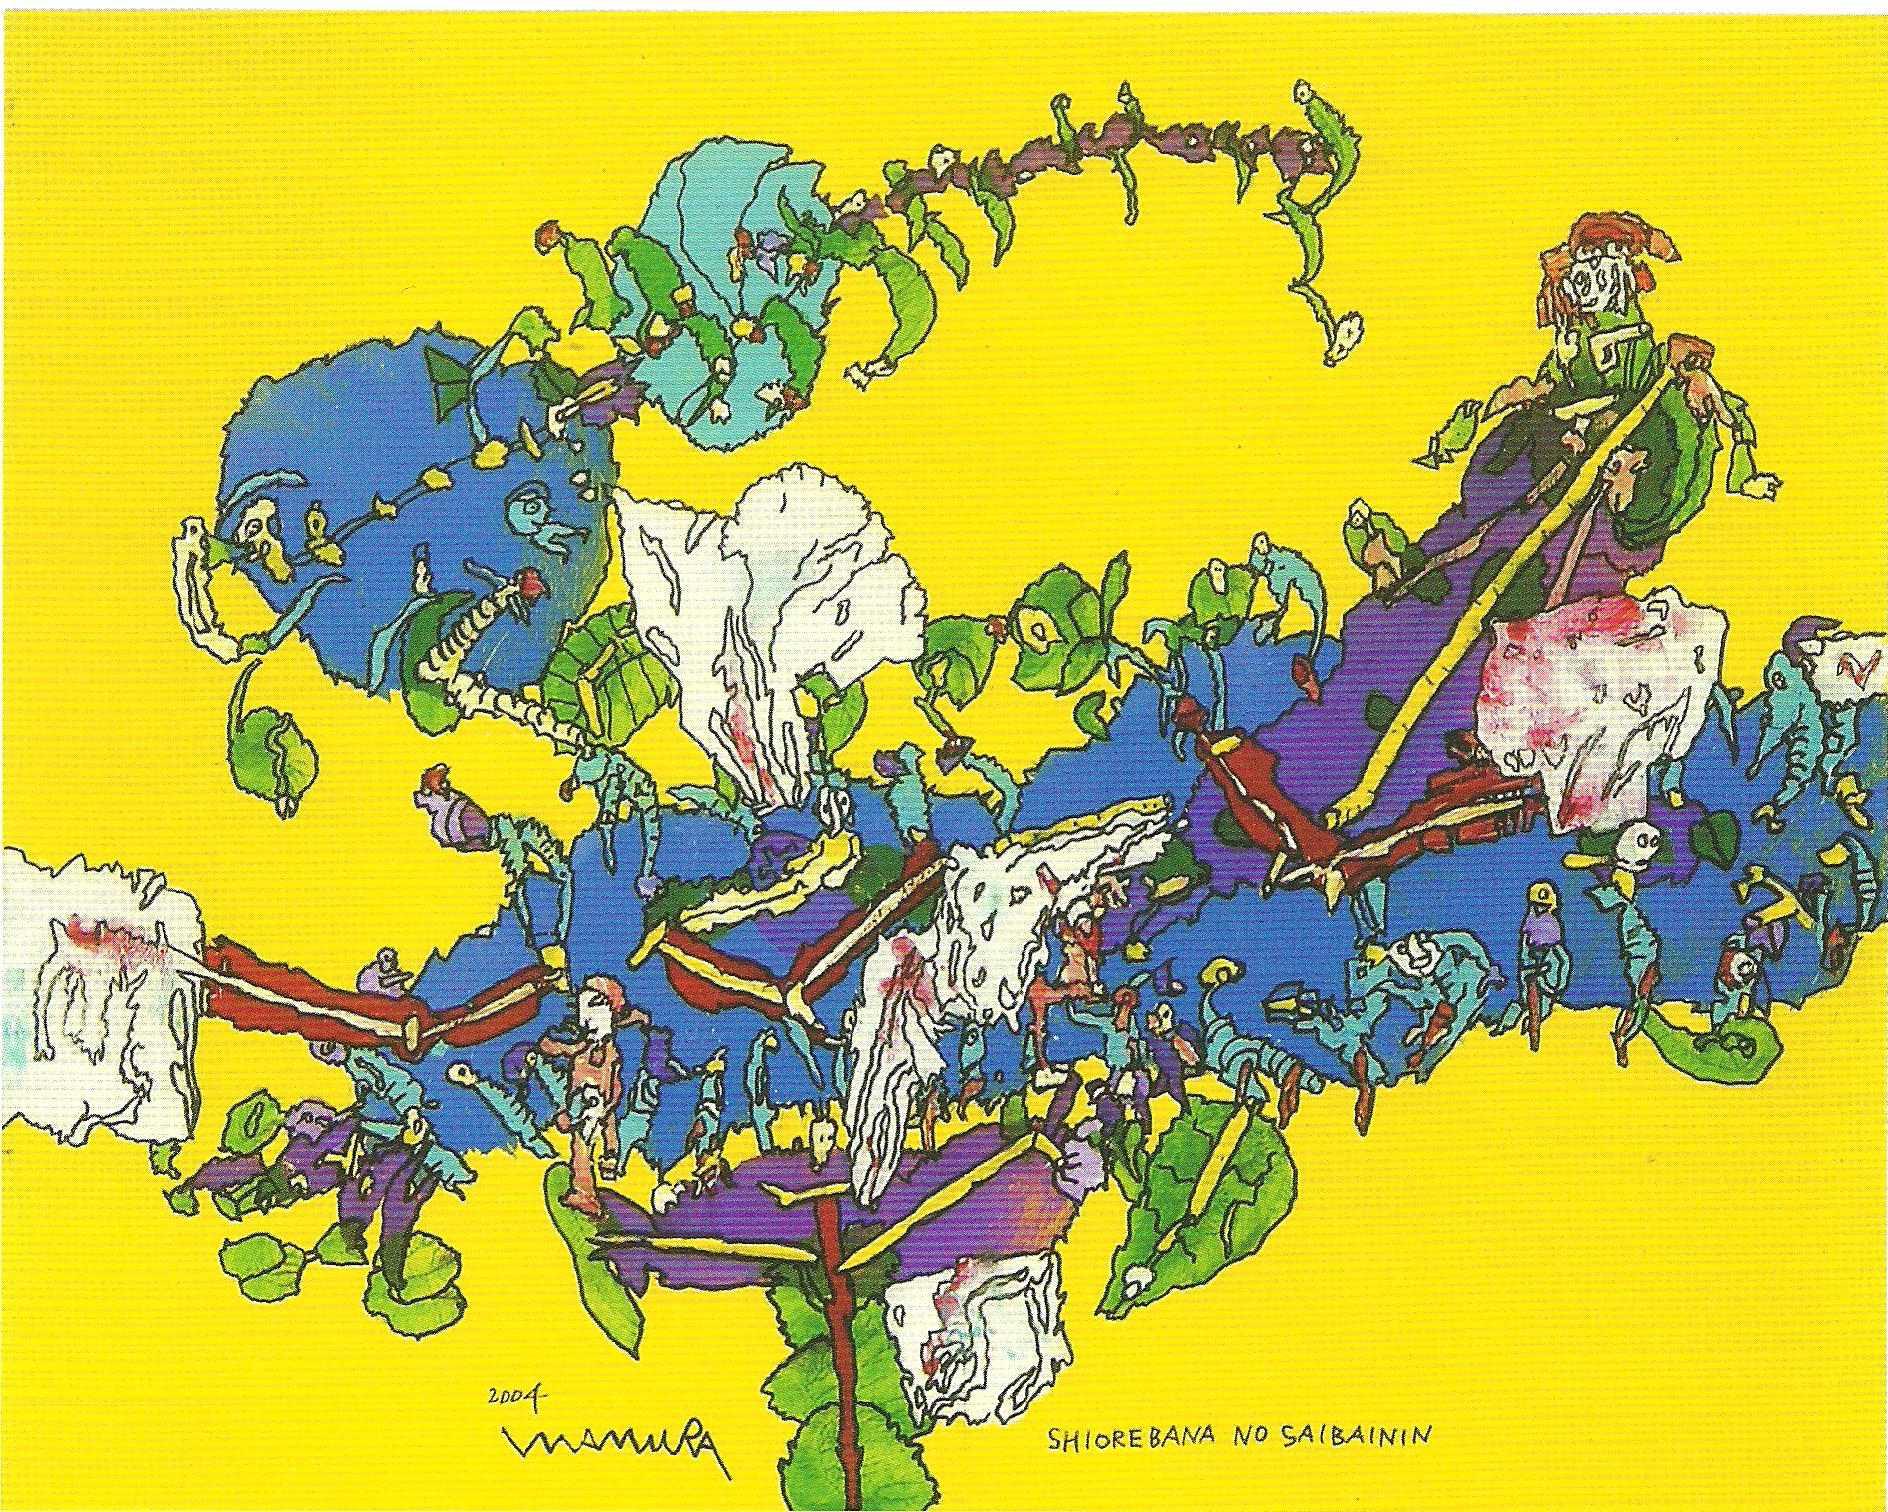 Shiorebana No Saibainin@(Le moissonneur des fleurs fanées), 33 x 41 cm